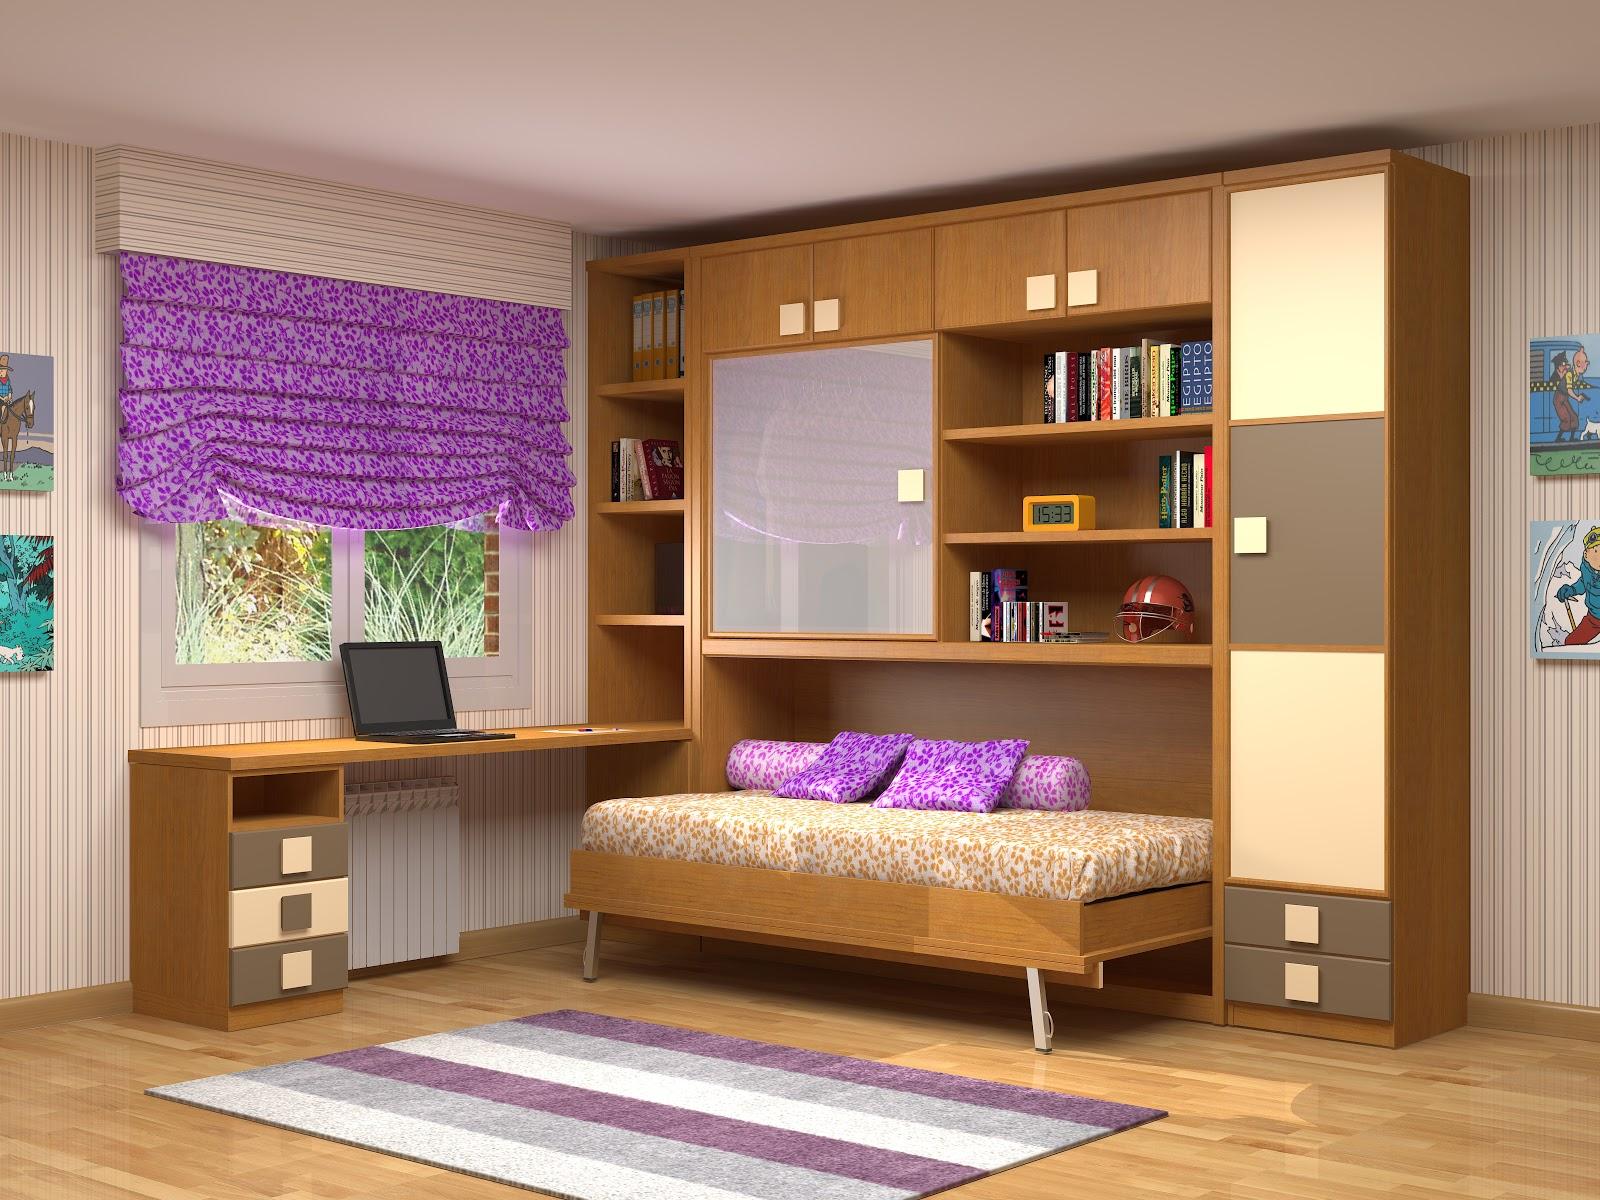 Muebles juveniles dormitorios infantiles y habitaciones - Ver dormitorios juveniles ...